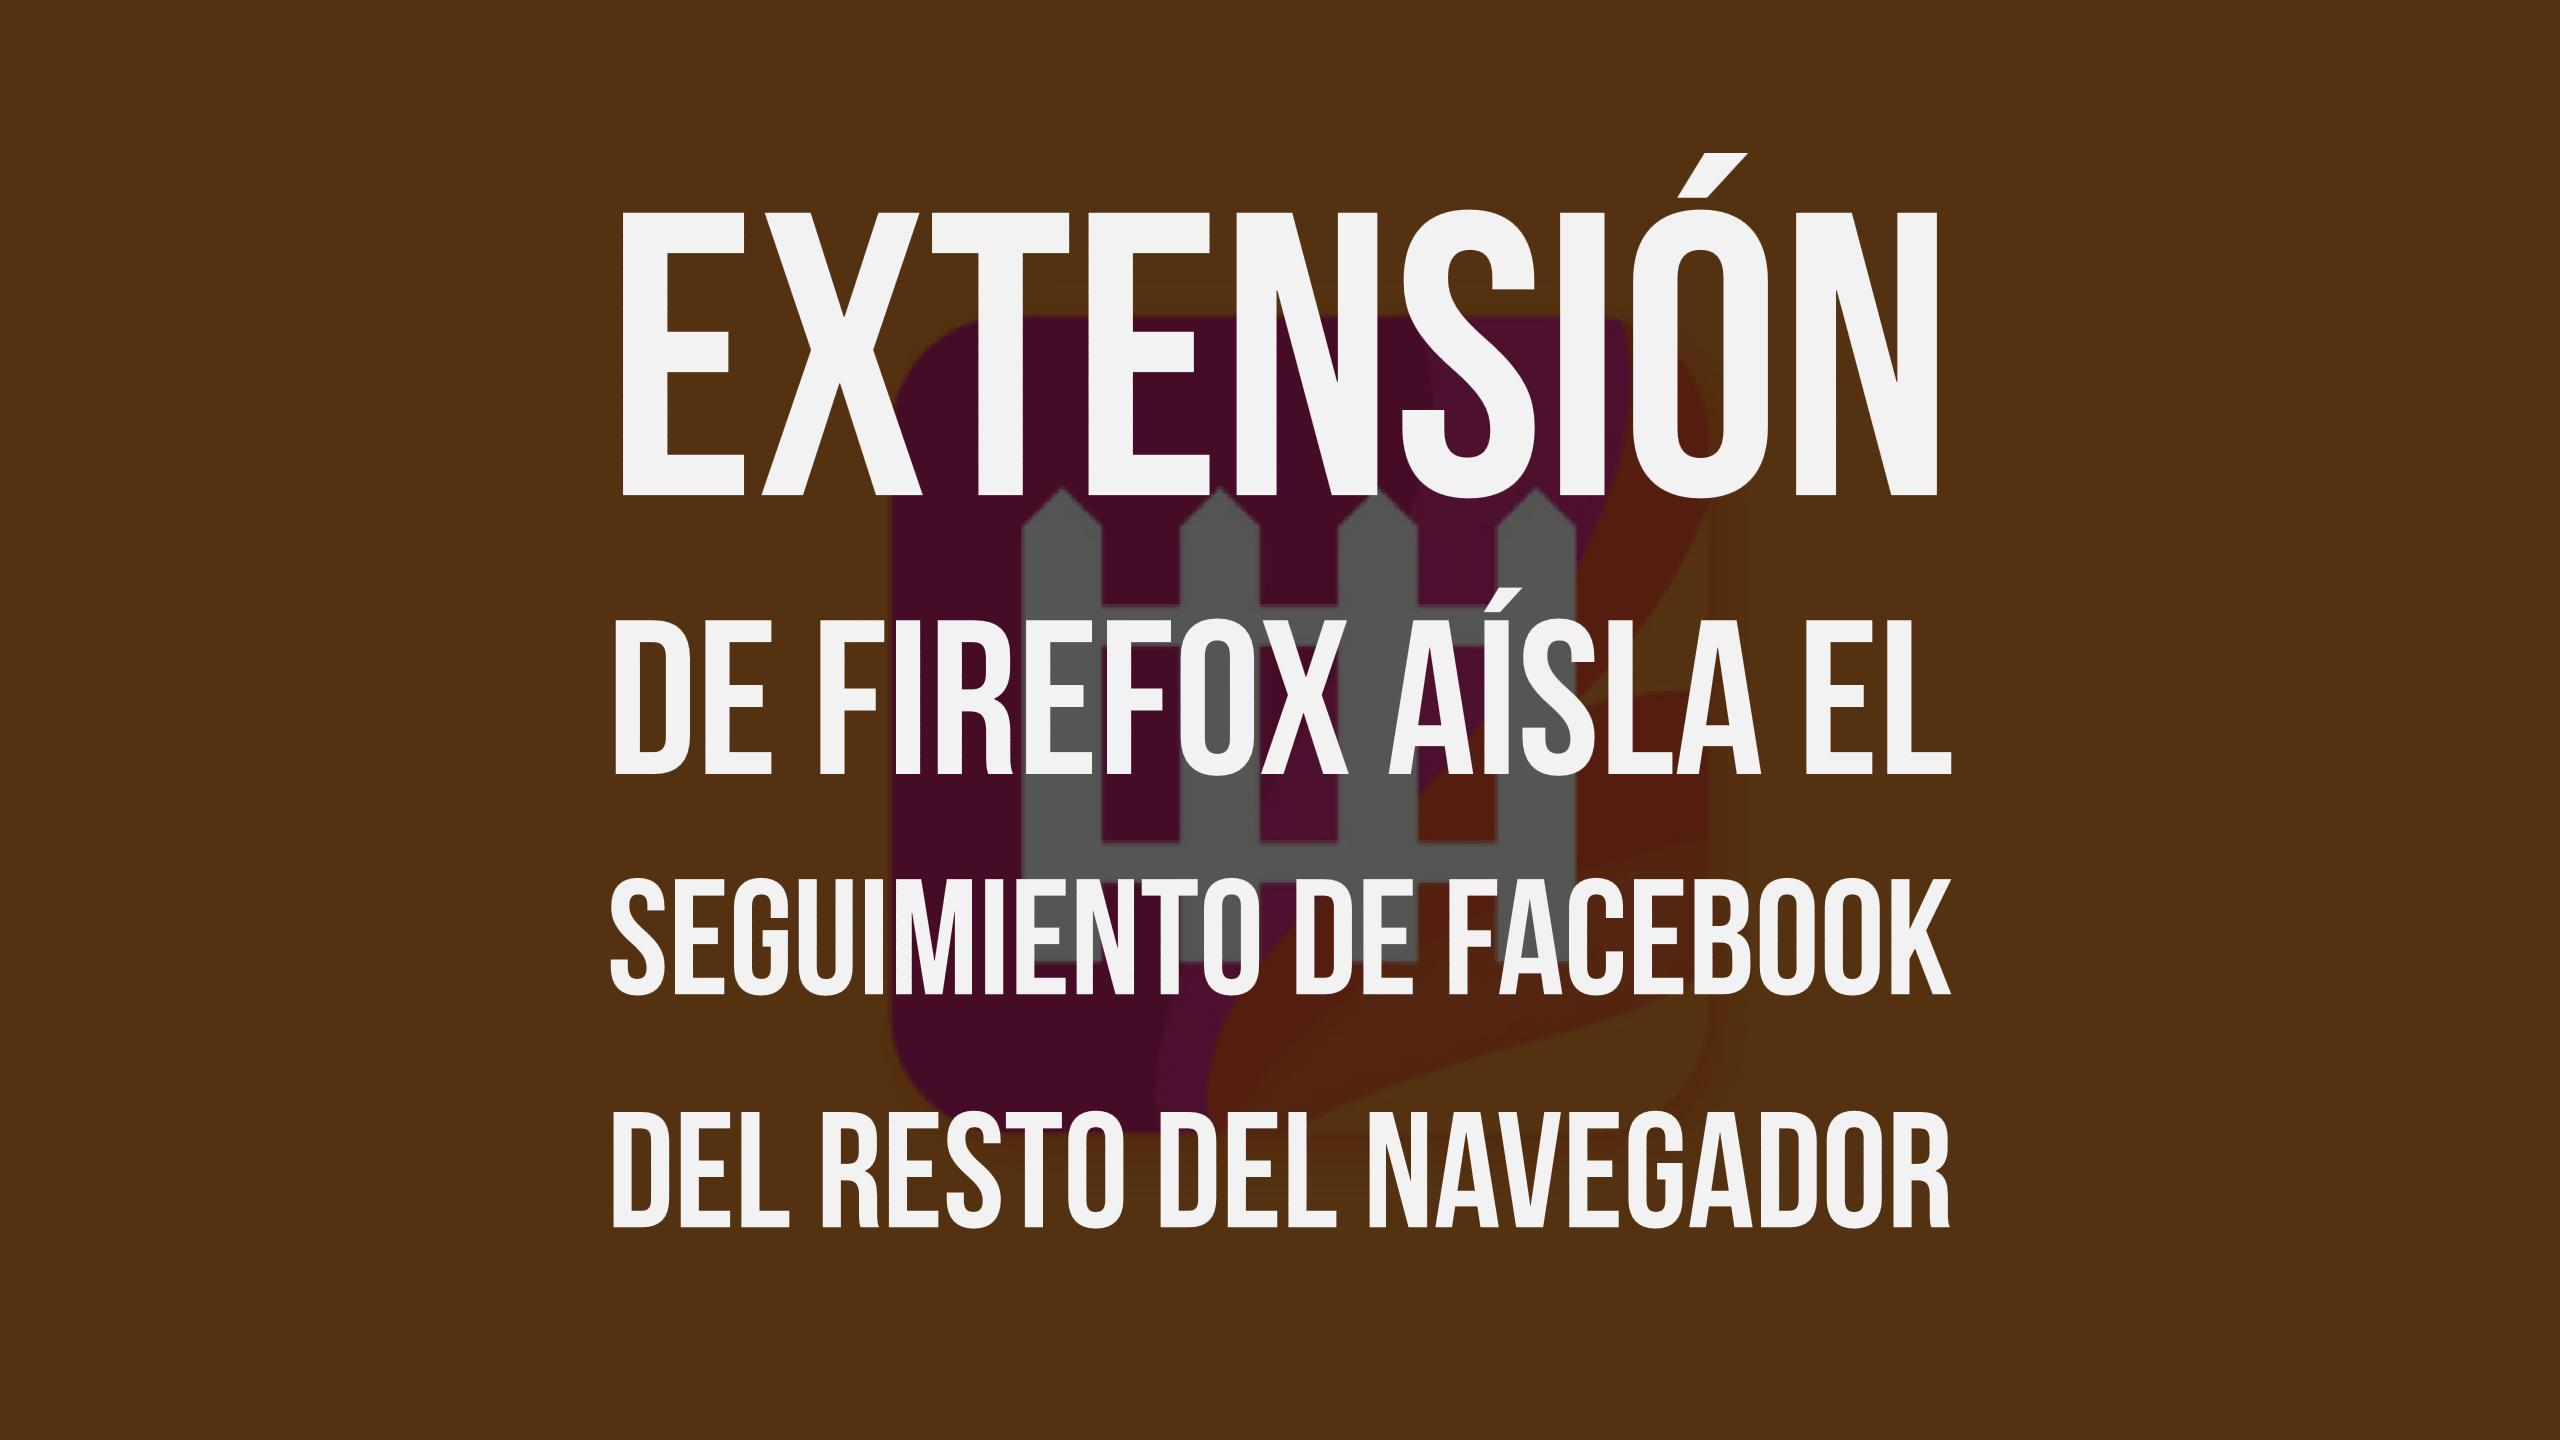 Extensión de Firefox aísla el seguimiento de Facebook del resto del navegador